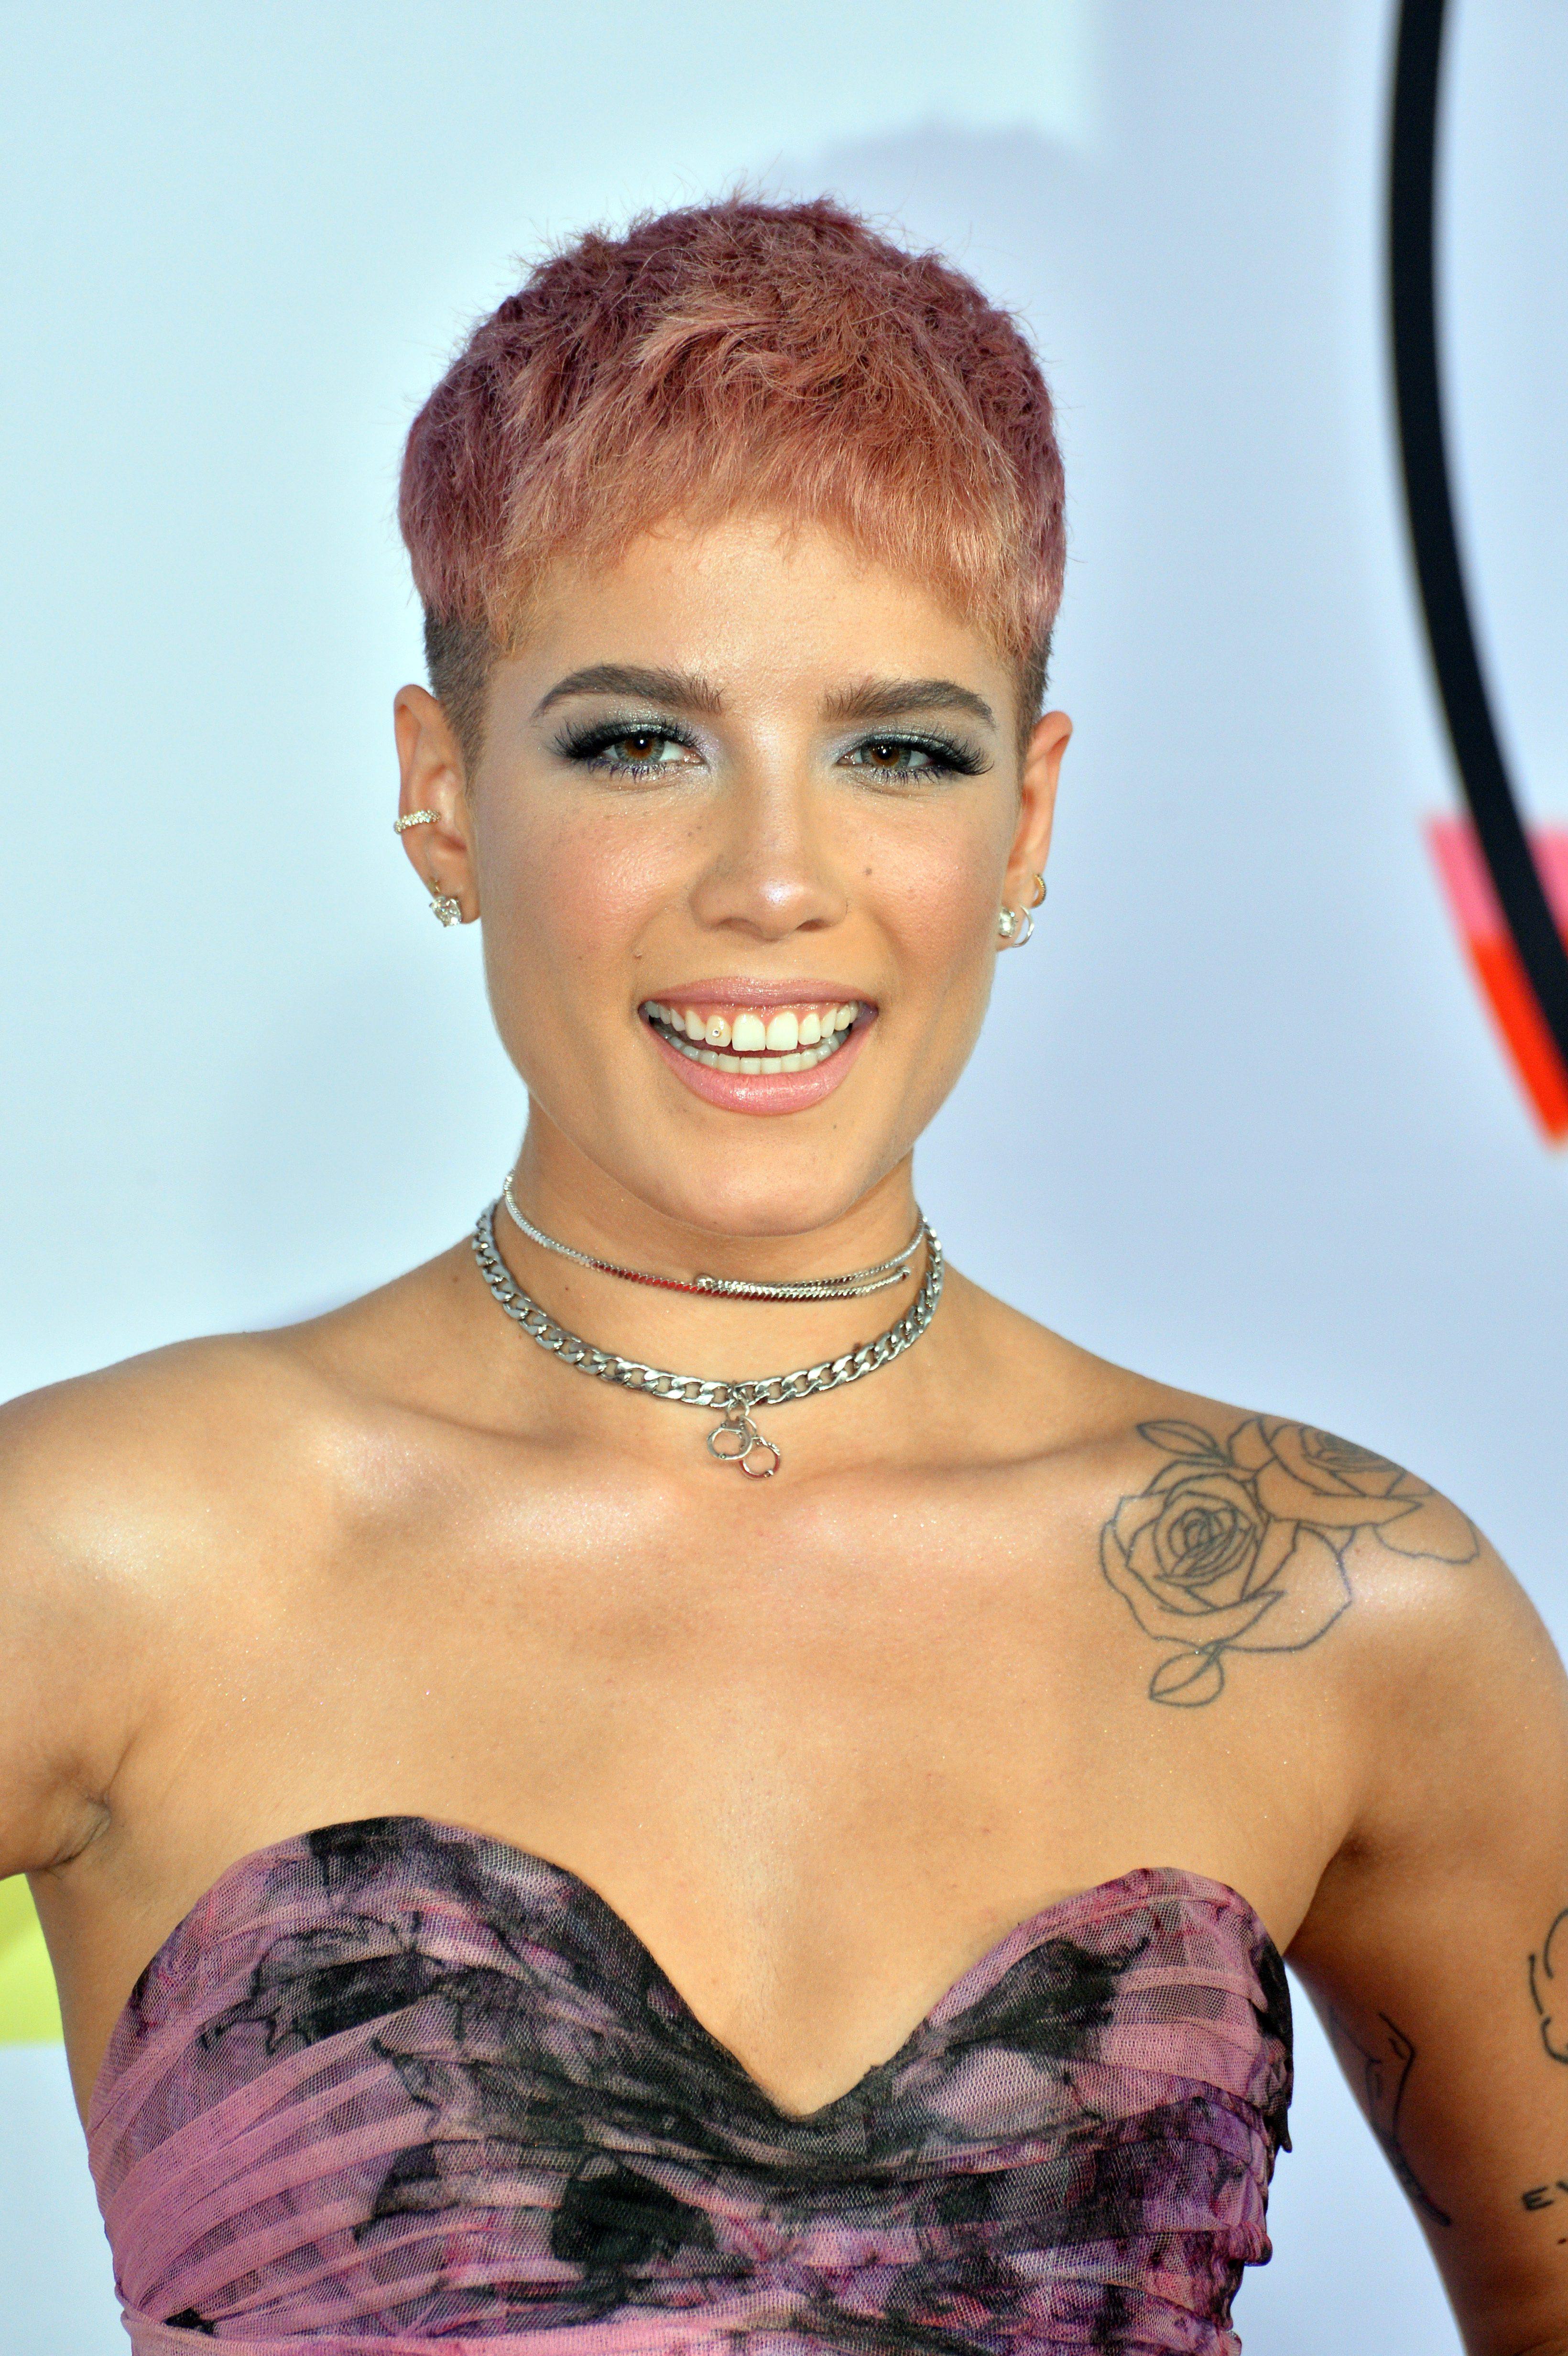 Halsey's Pink Pixie